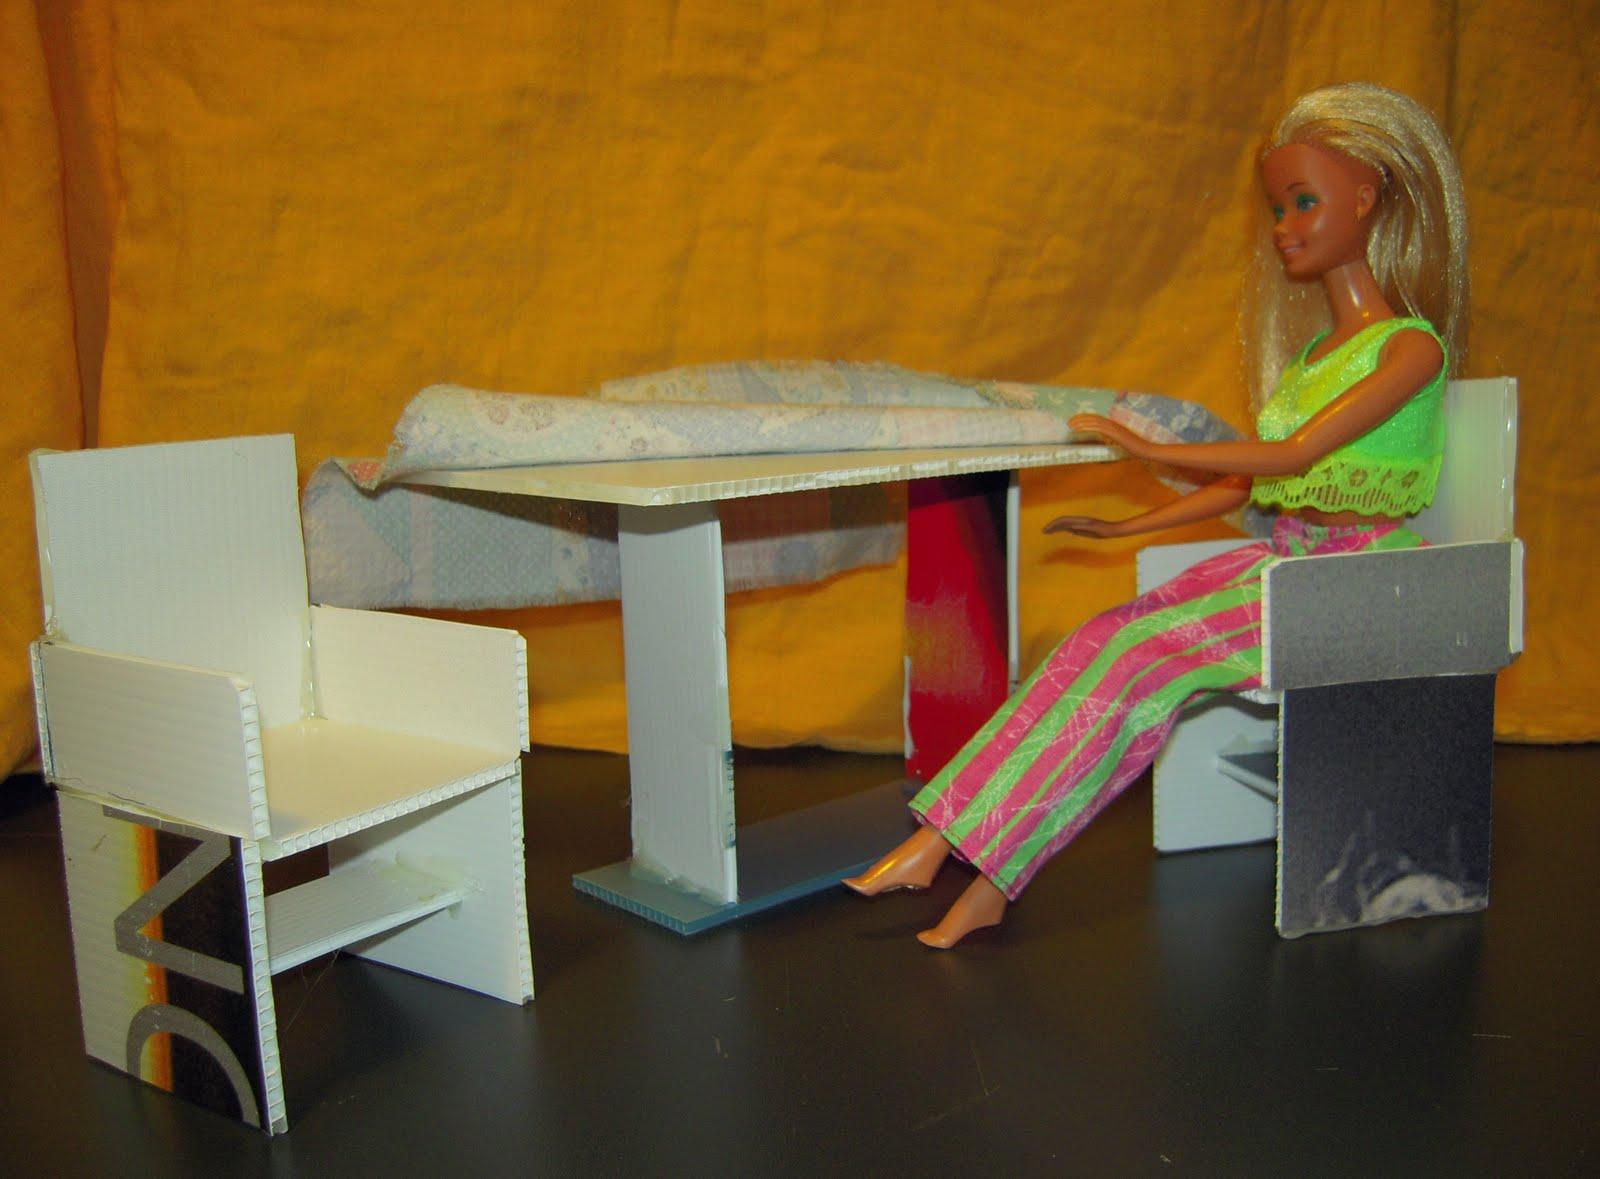 Mobili Per Casa Delle Bambole Fai Da Te : Mobili miniatura per casa delle bambole fai da te casa delle